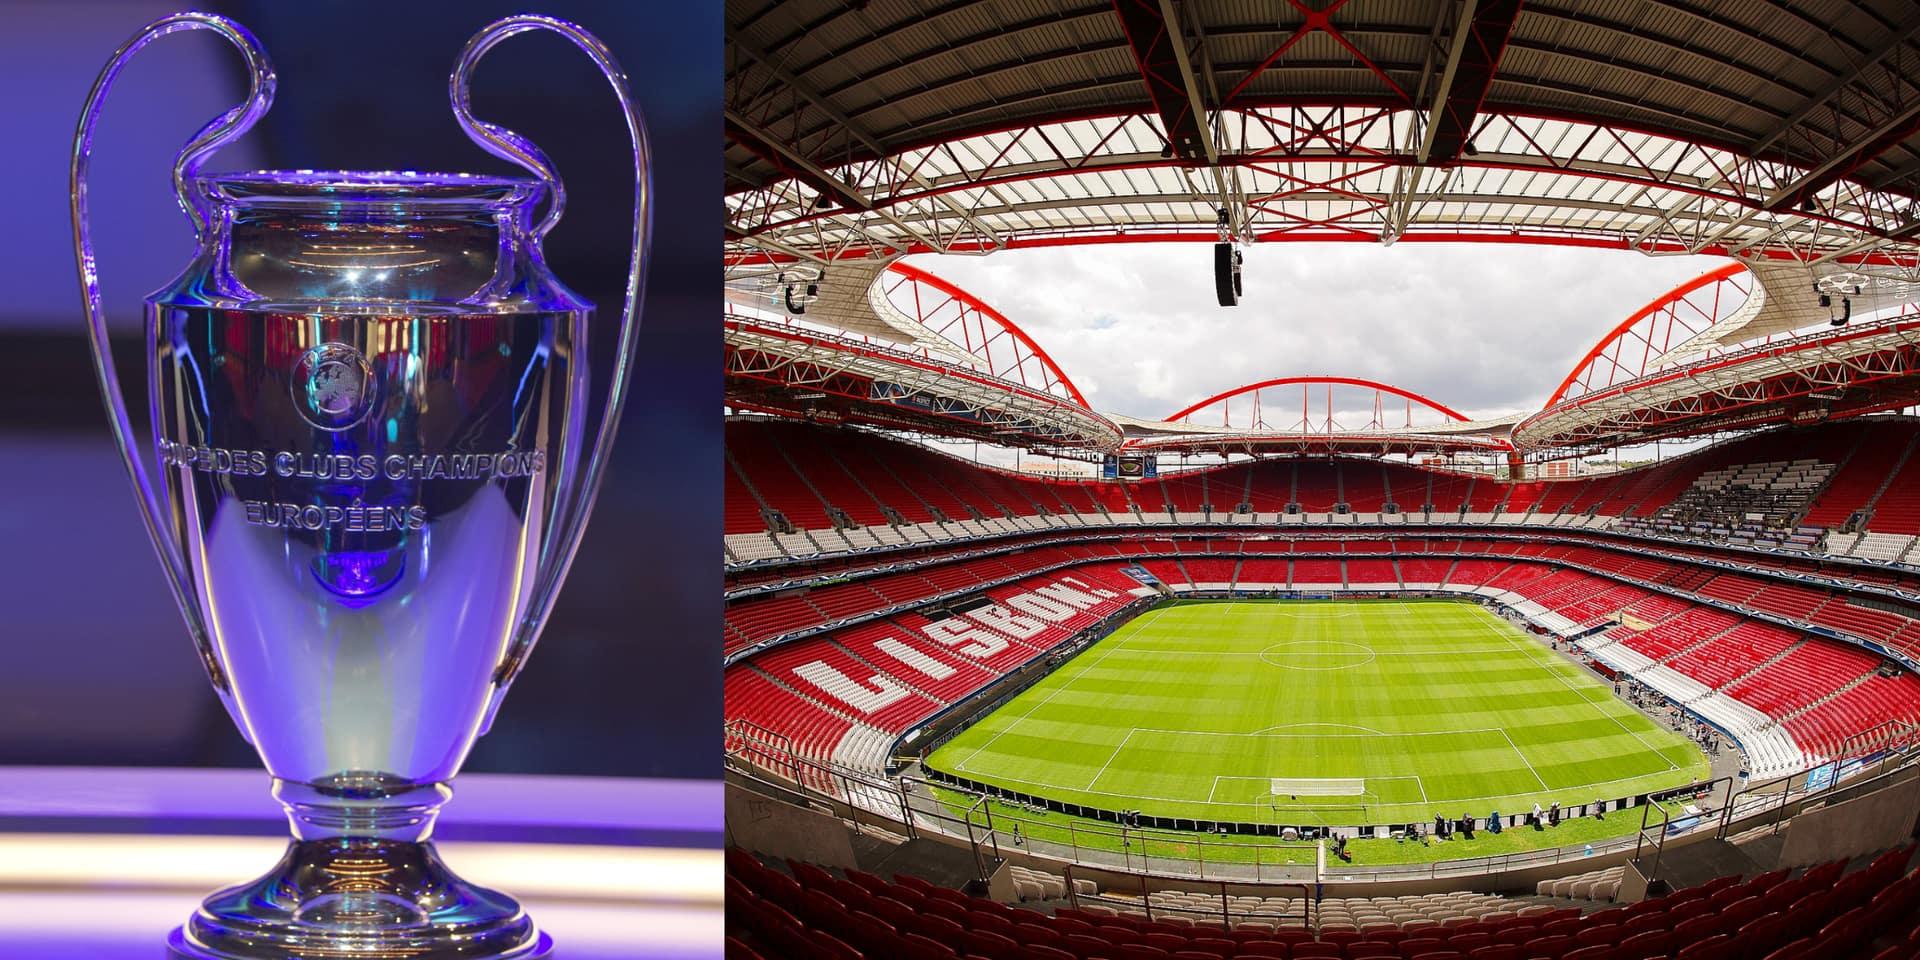 L'UEFA se met à jour: voici comment la phase finale des Coupes d'Europe aura lieu cette saison